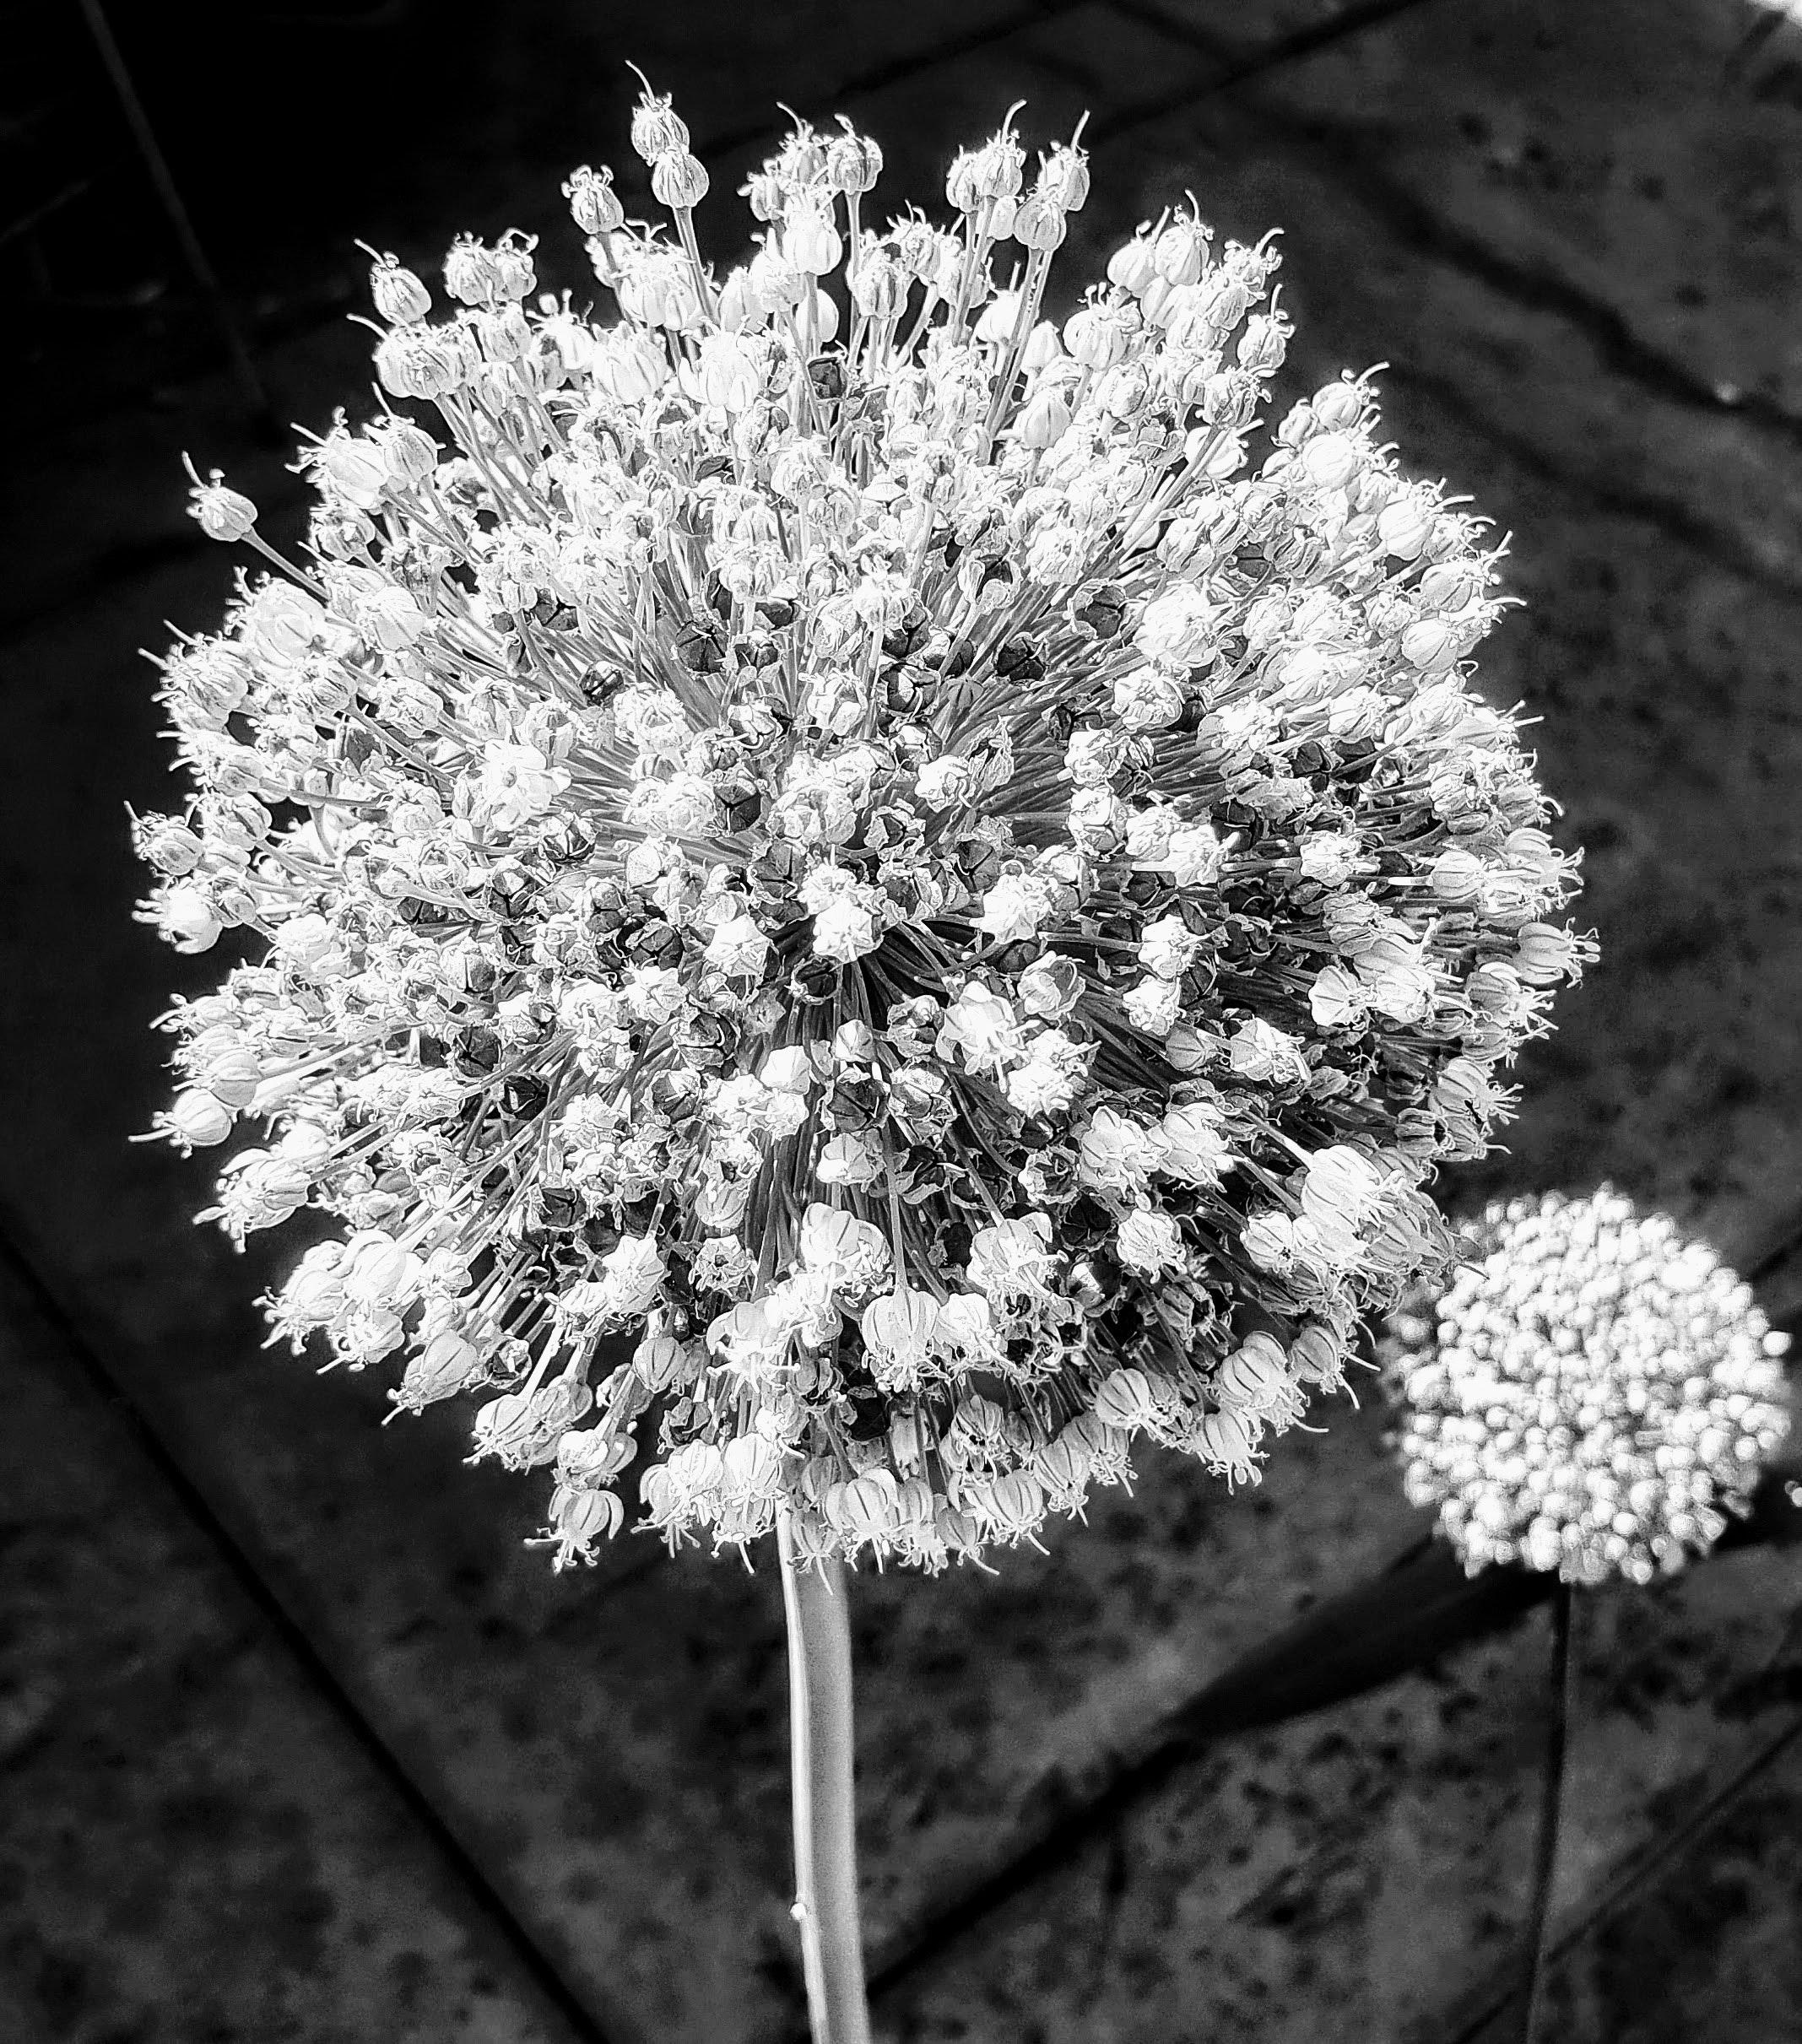 52+ Gambar Bunga Gelap Terang Paling Baru